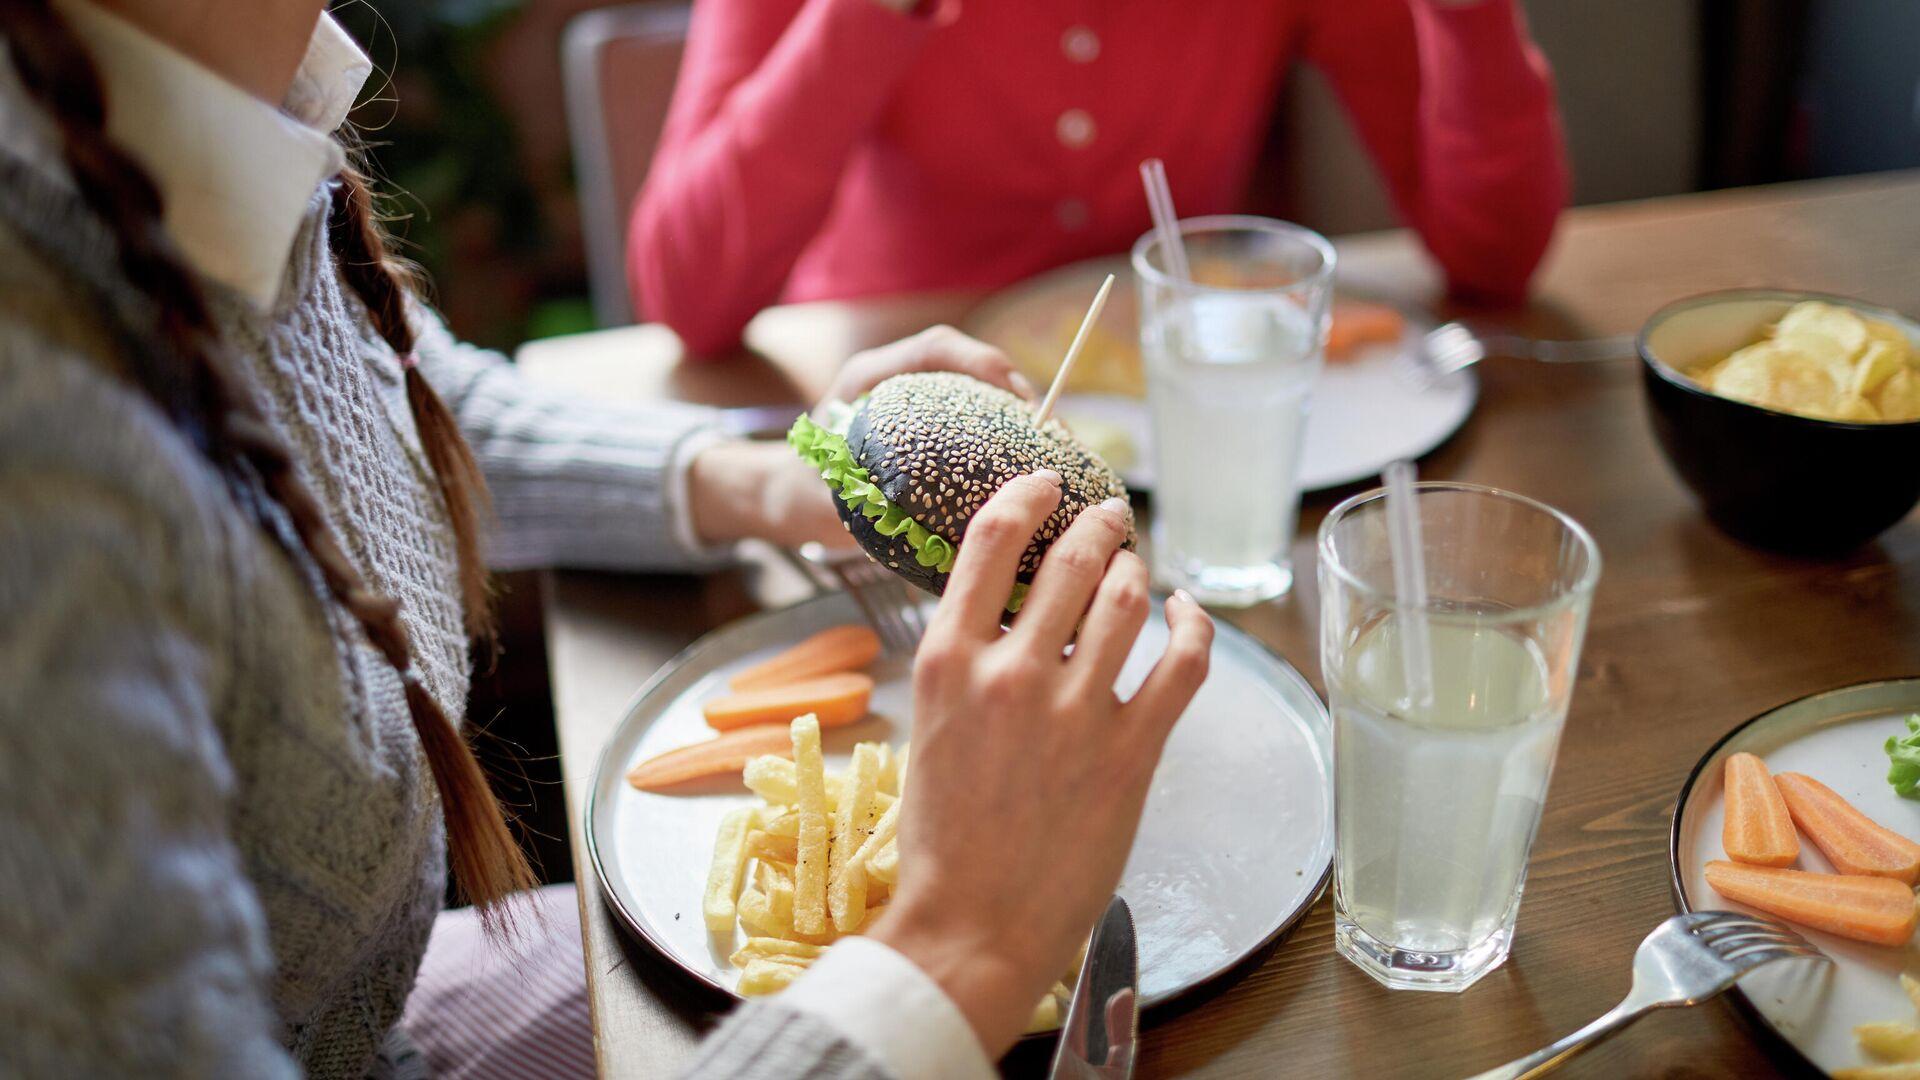 Девушки едят чизбургеры и картофель в кафе  - РИА Новости, 1920, 22.10.2020